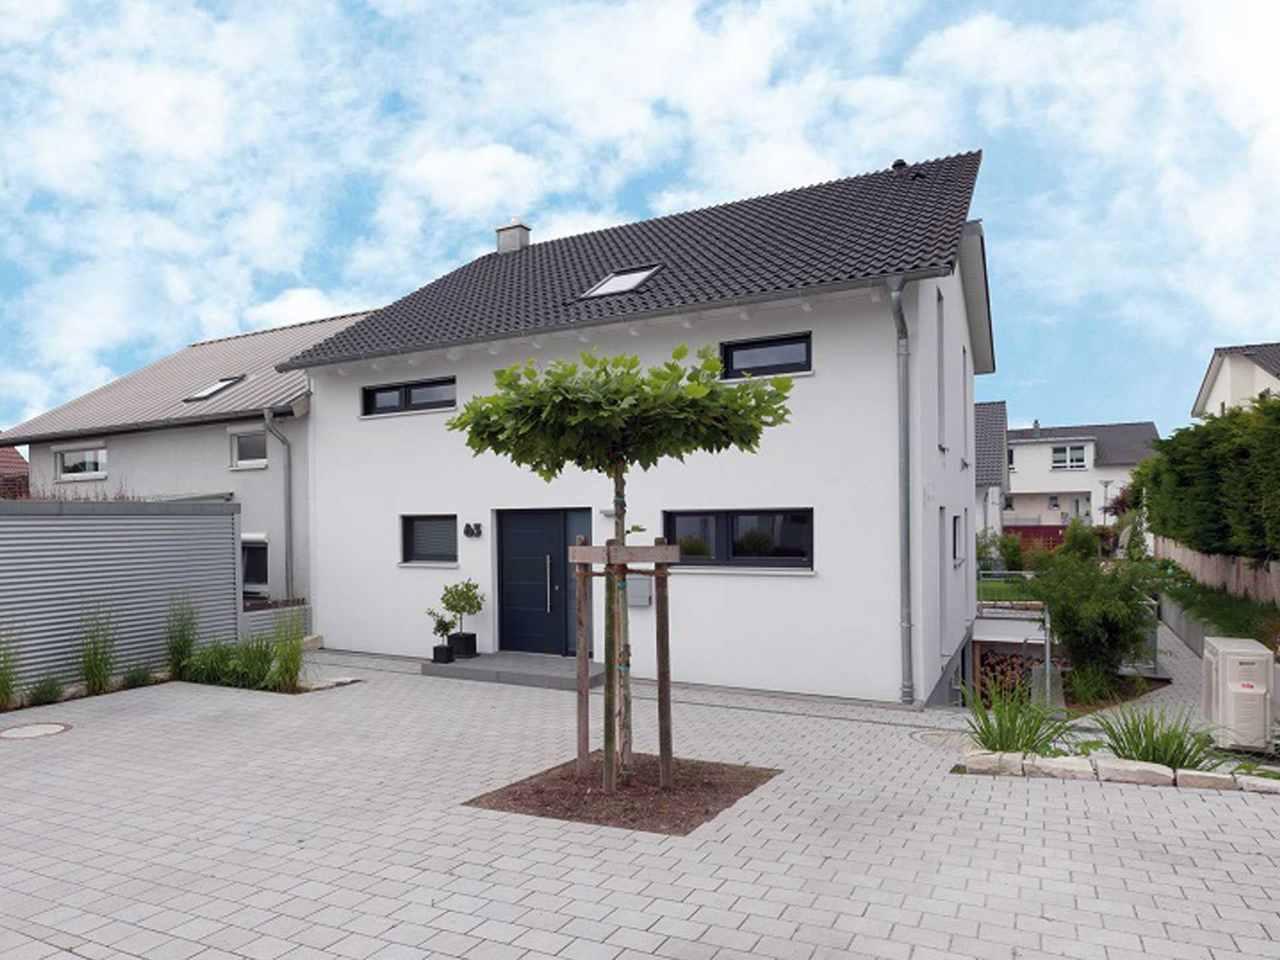 Einfamilienhaus Unikat 089 von TALBAU-Haus